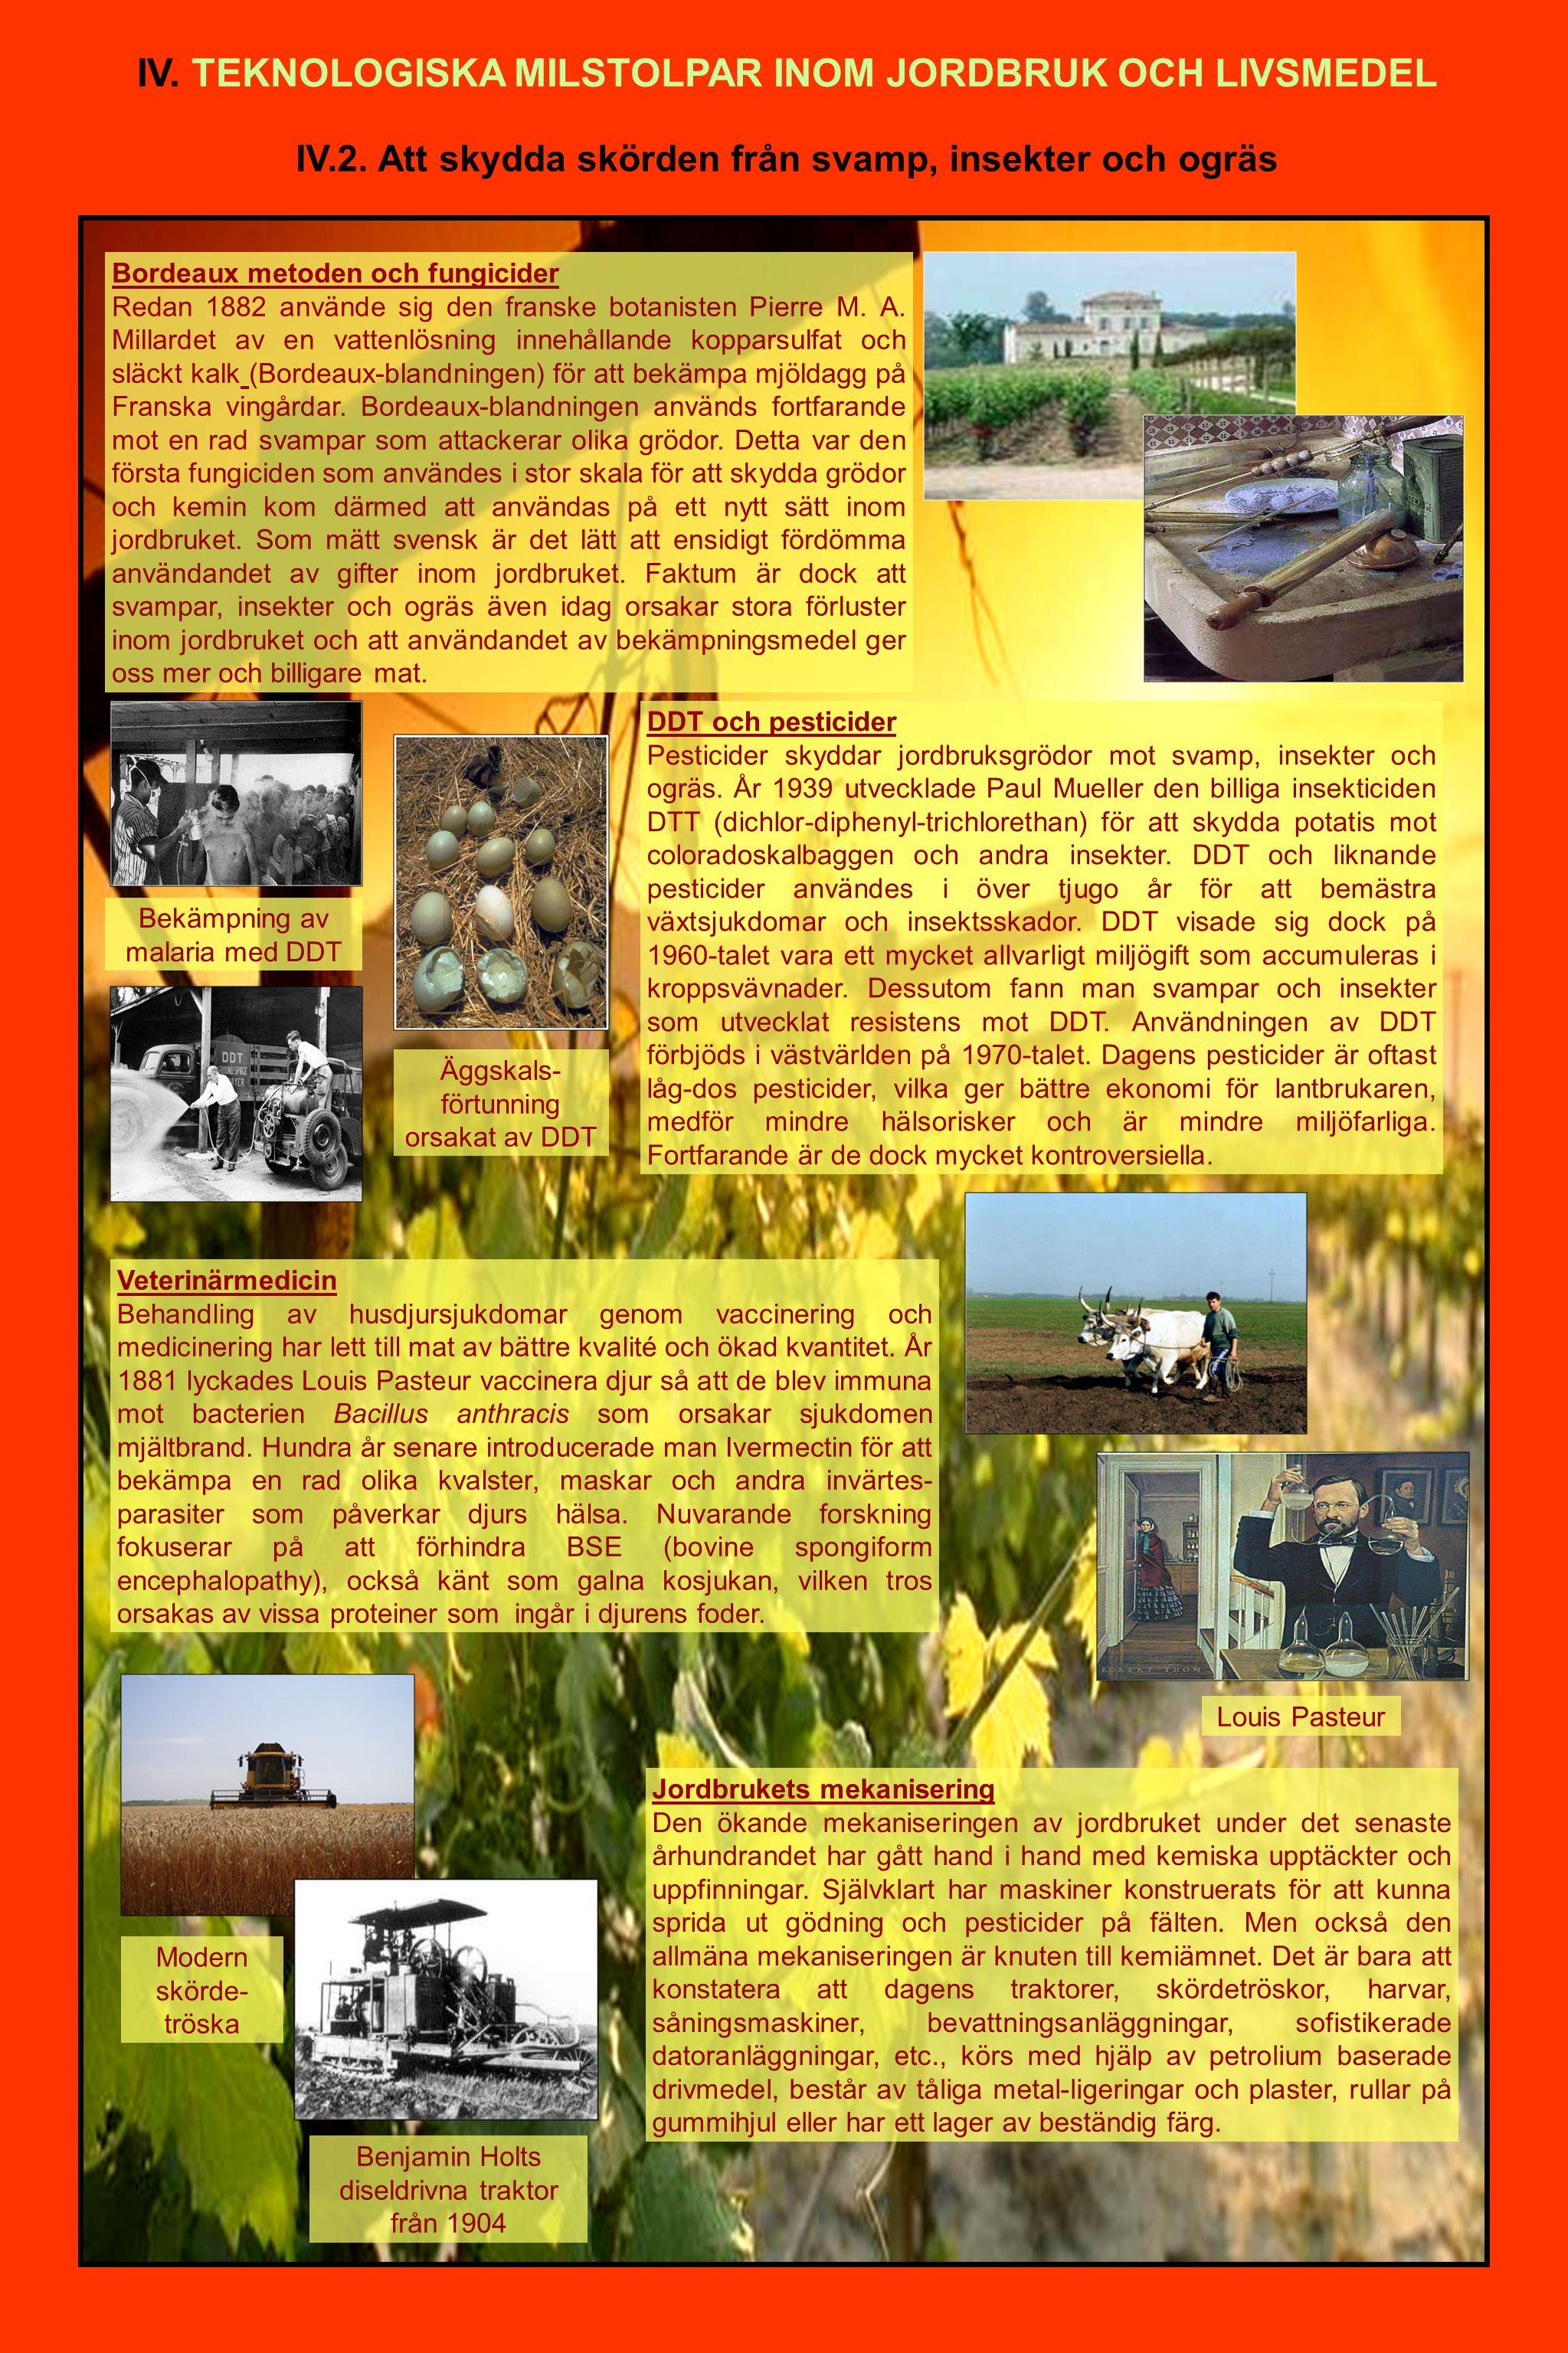 Bordeaux metoden och fungicider Redan 1882 använde sig den franske botanisten Pierre M.